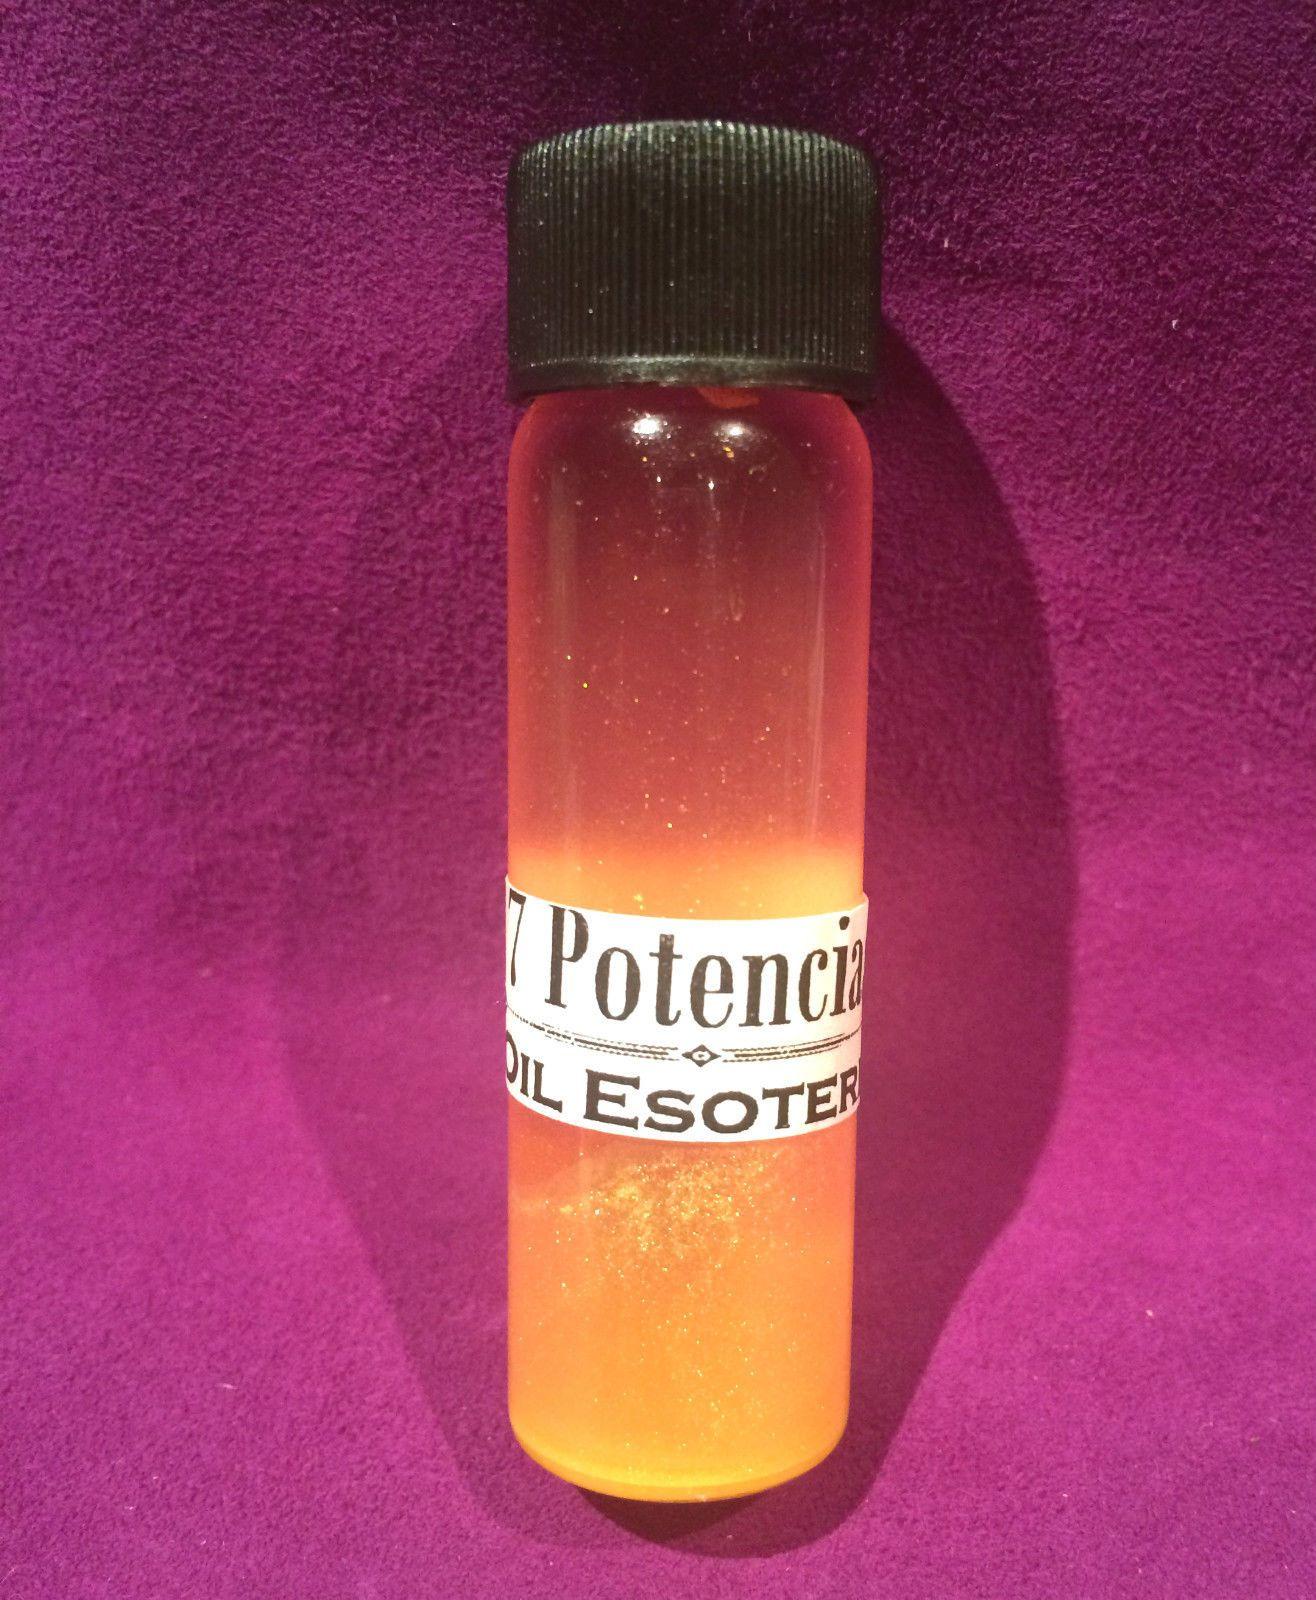 ACEITE ESOTERICO 7 POTENCIAS 10 ml